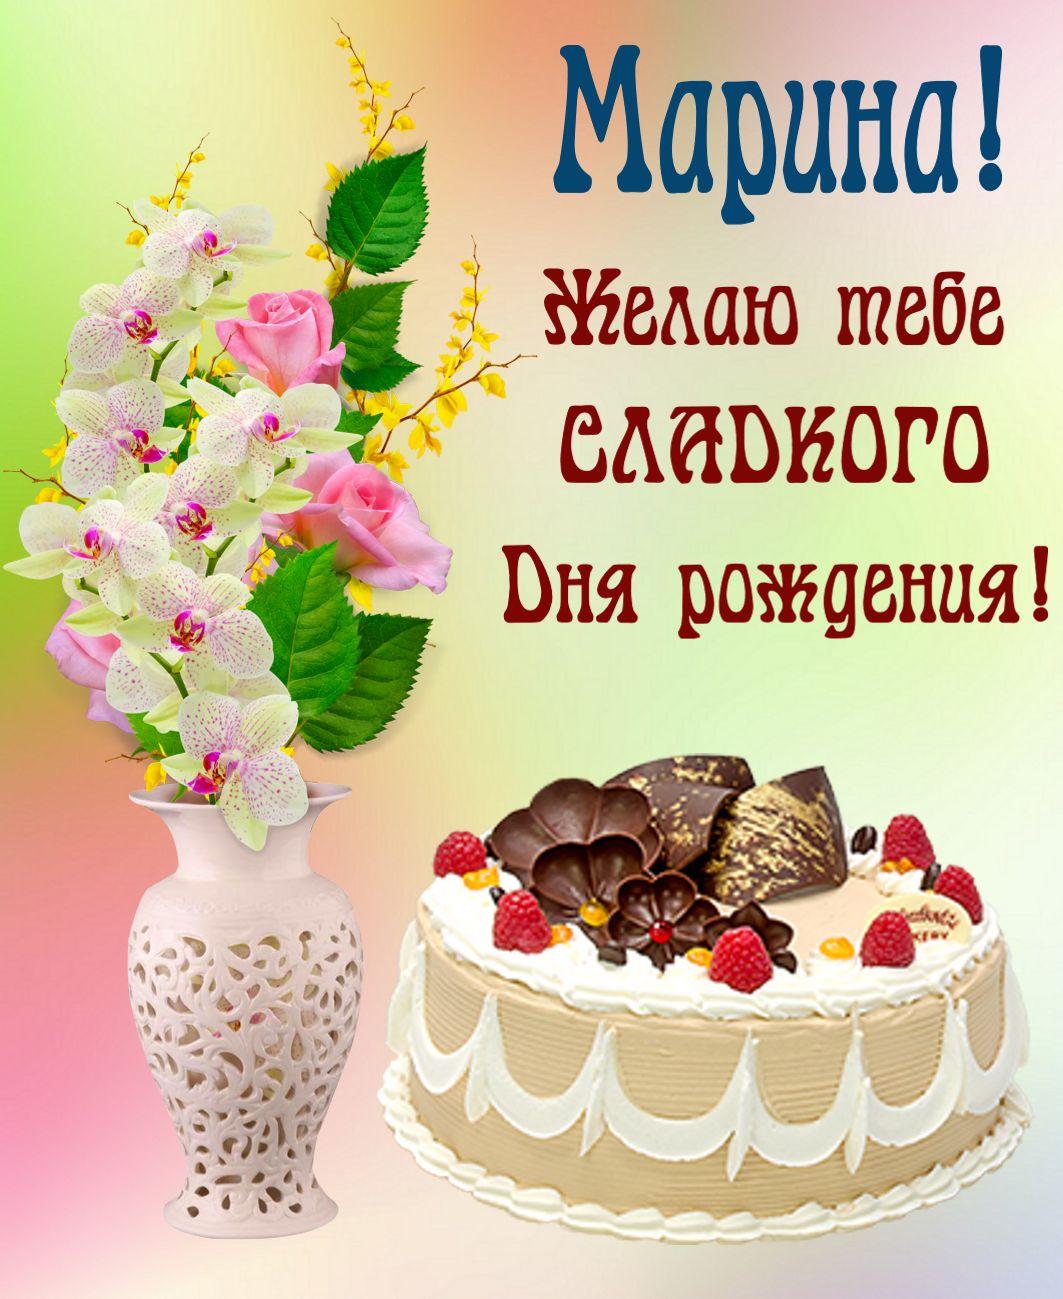 С днем рождения открытку марине